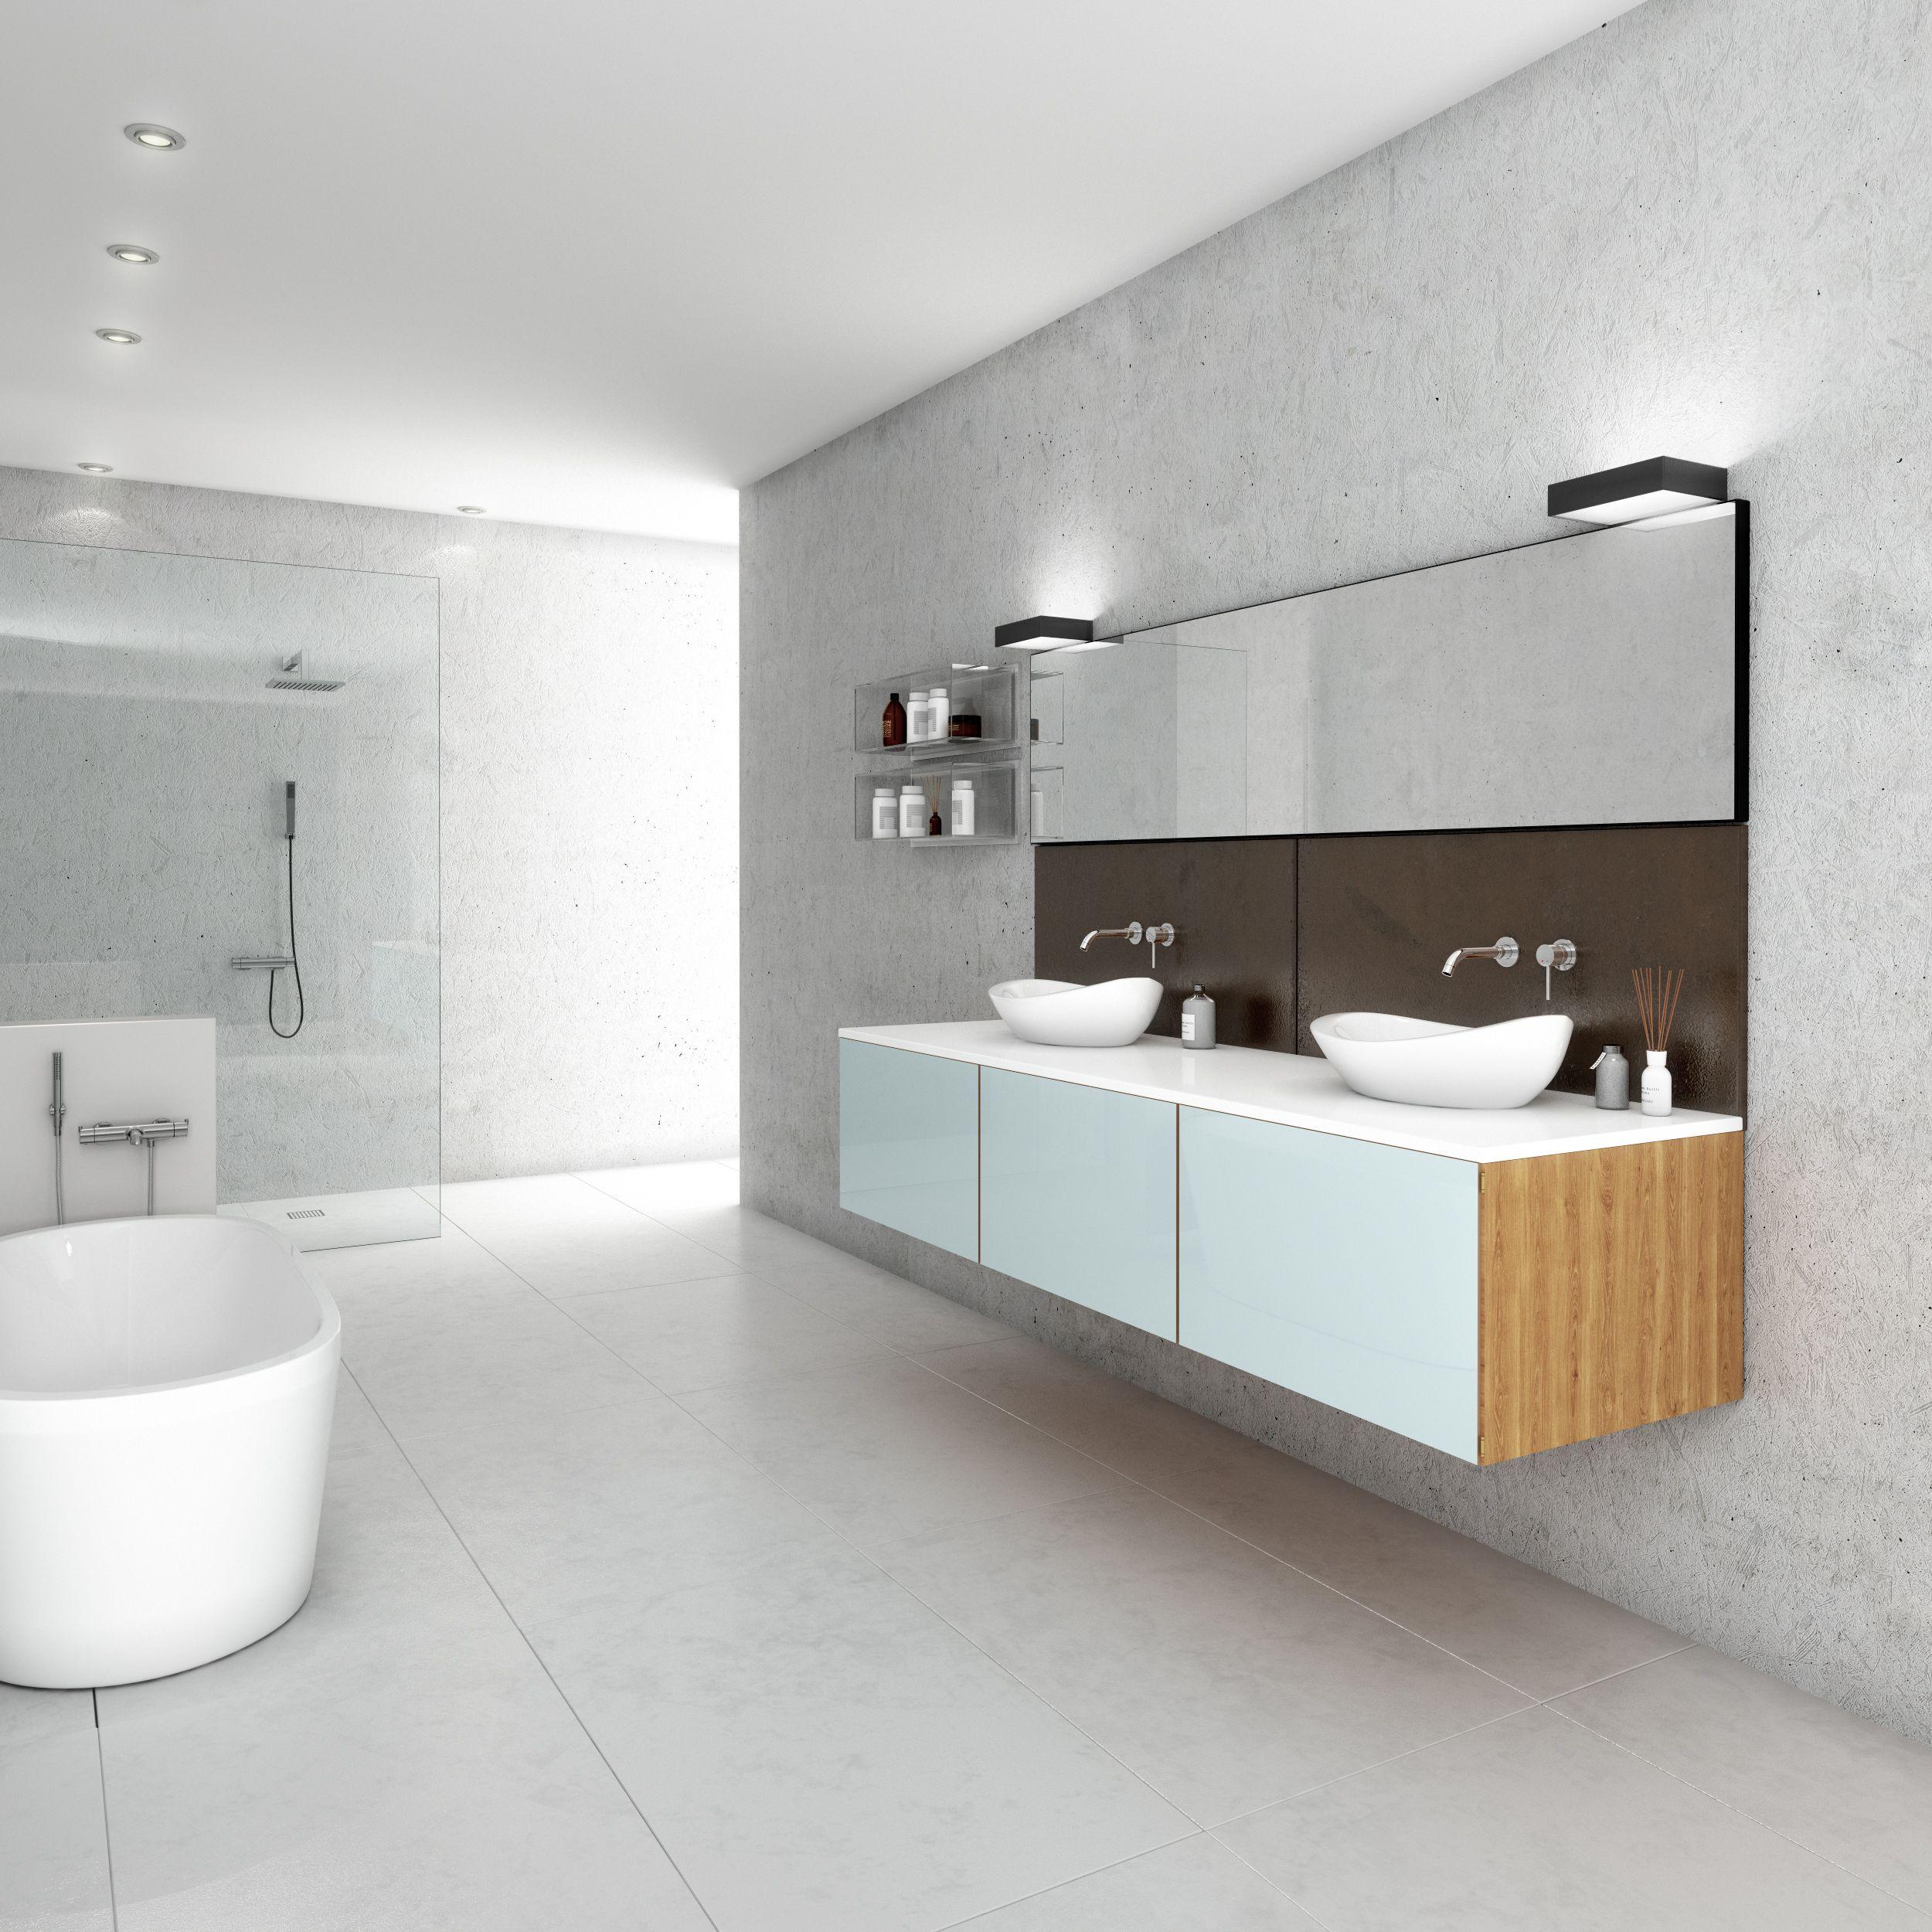 wohnen im loft stil mit graut nen moderner badkeramik badfliesen in xxl und einer. Black Bedroom Furniture Sets. Home Design Ideas